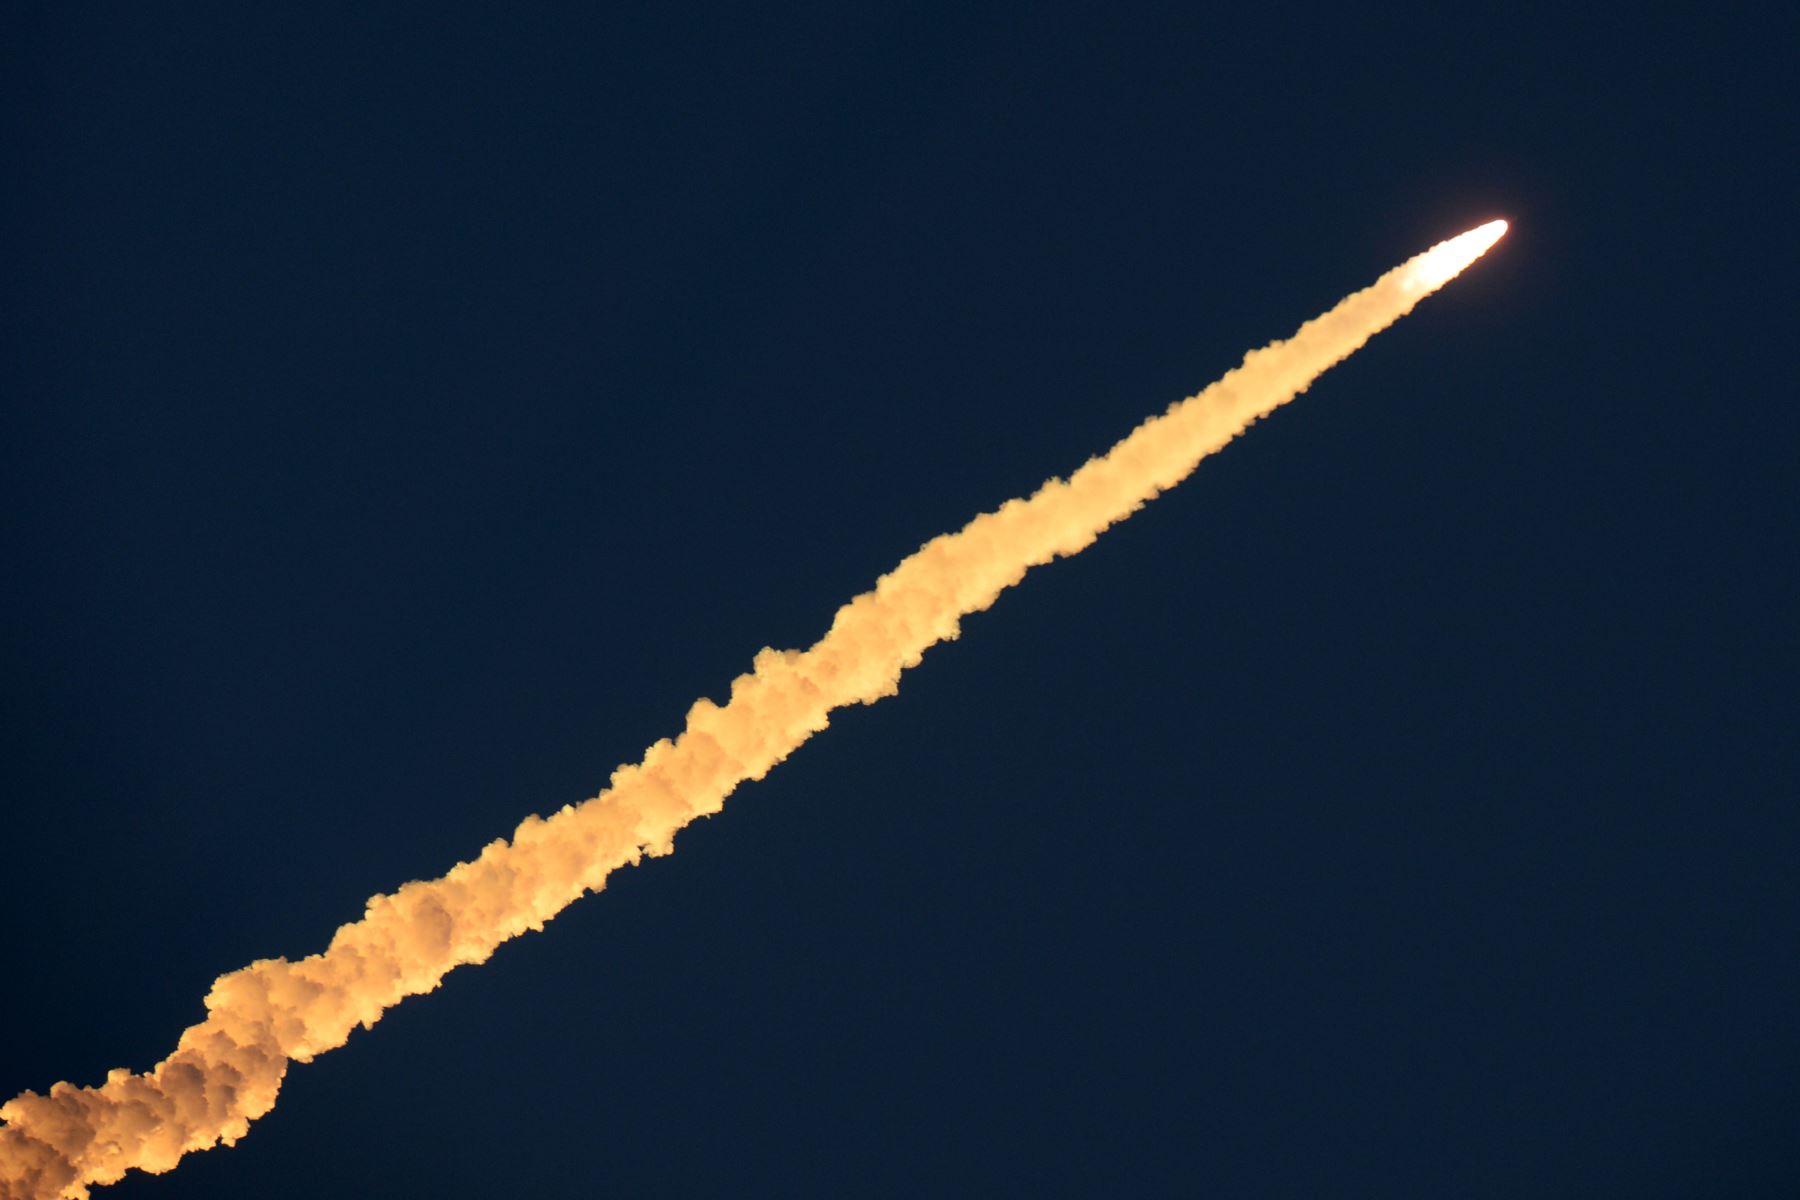 El Satélite Polar de la Organización de Investigación Espacial de la India es lanzado al espacio desde el centro espacial Satish dawan. Foto: AFP